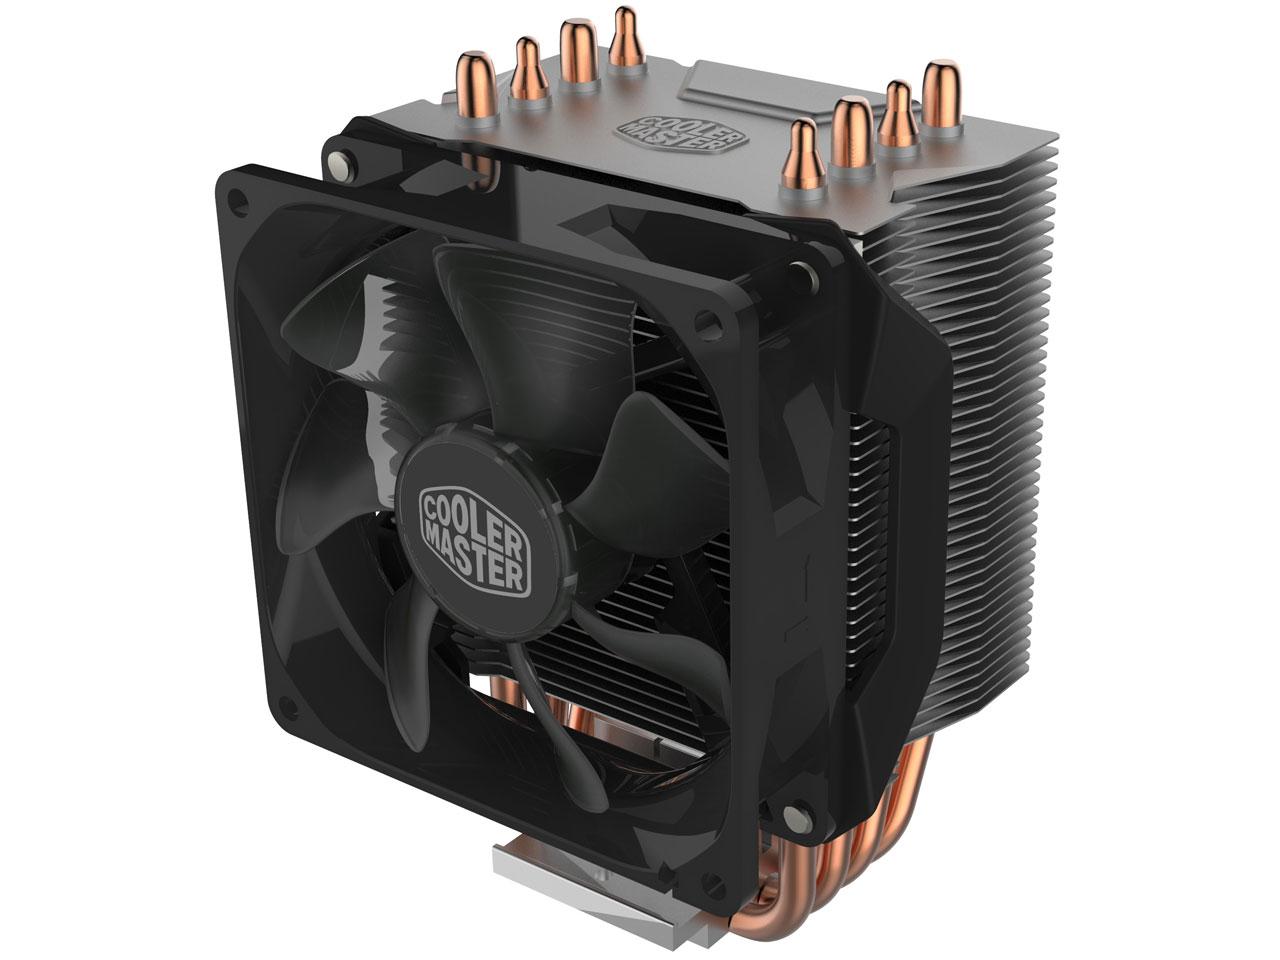 『本体1』 Hyper H412R RR-H412-20PK-R2 の製品画像